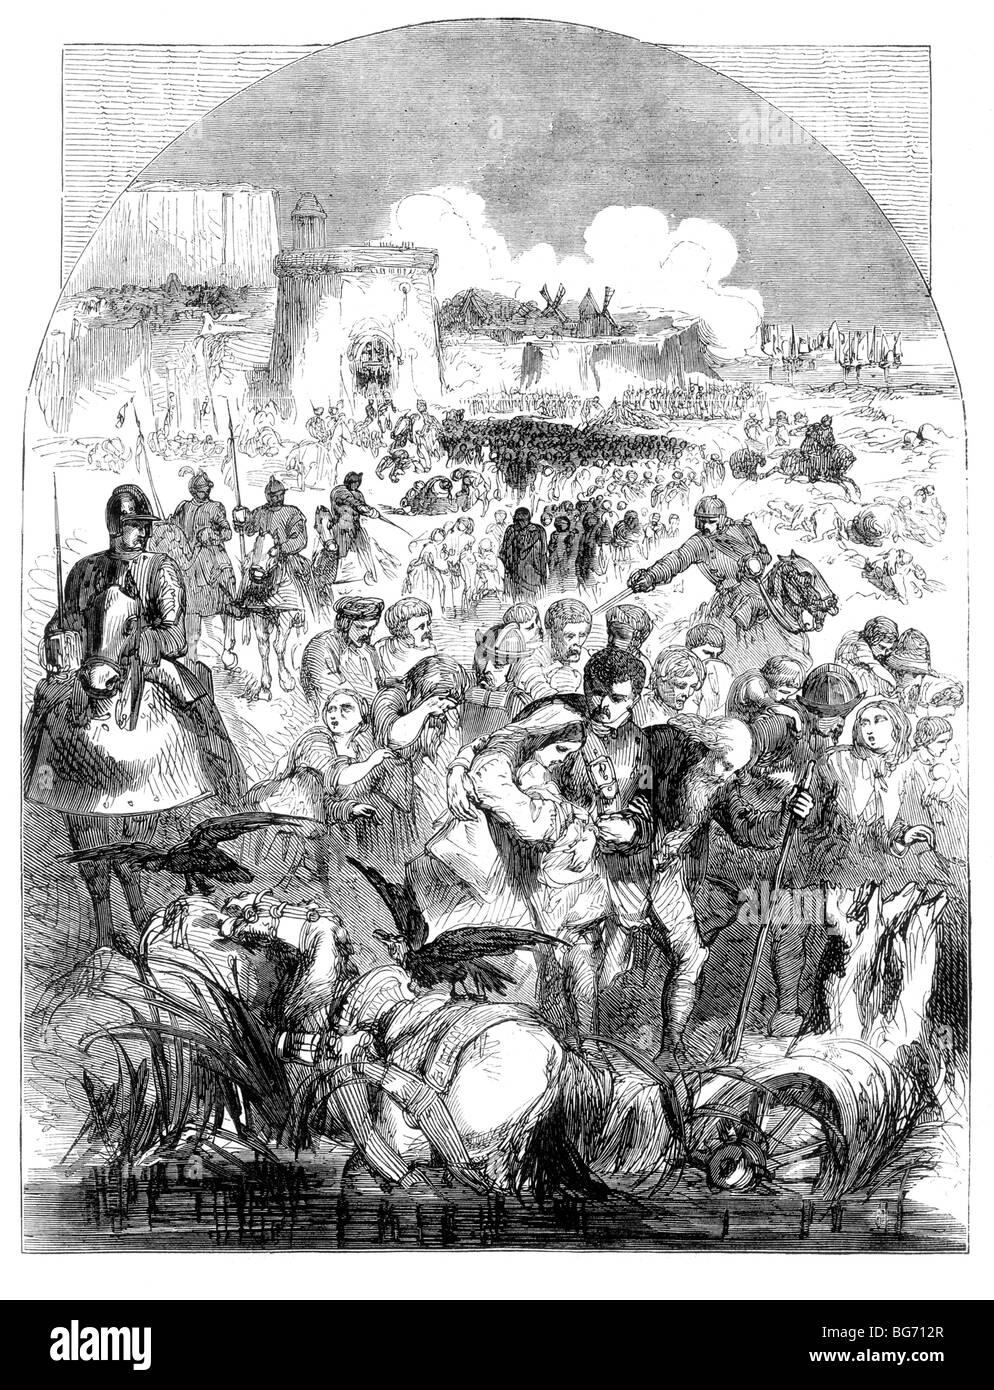 L'Assedio di Calais, Partenza dei cittadini, Gennaio 1558 Immagini Stock